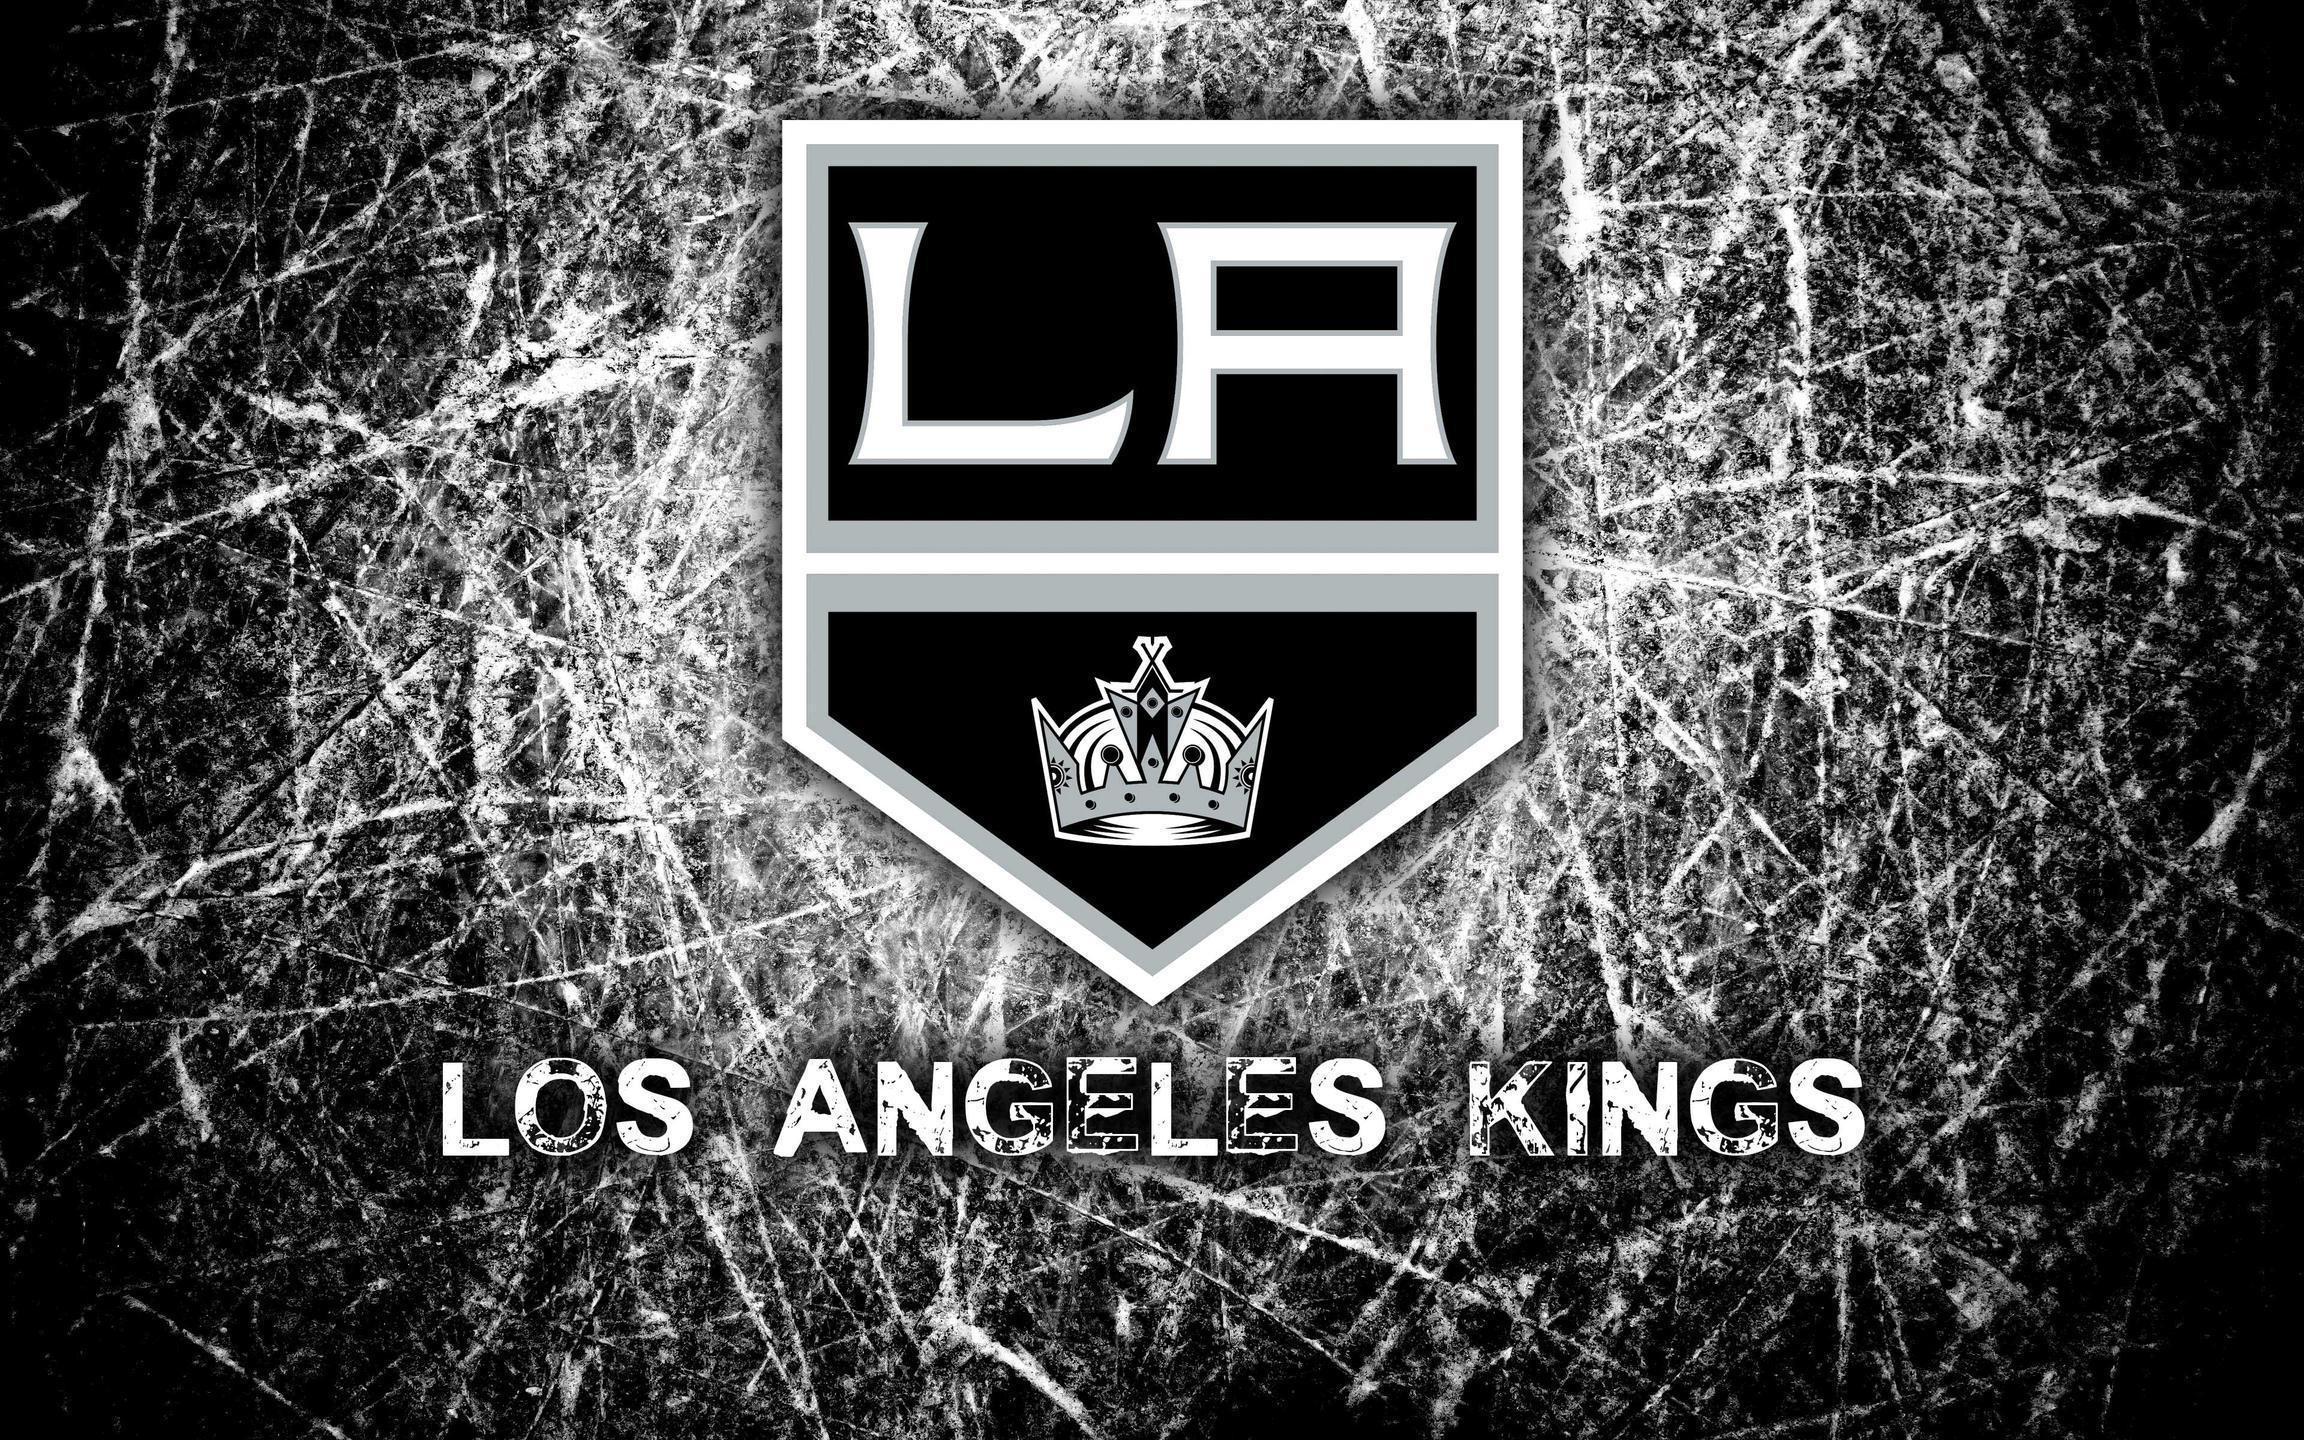 1164139-la-kings-logo-wallpaper-2304x144